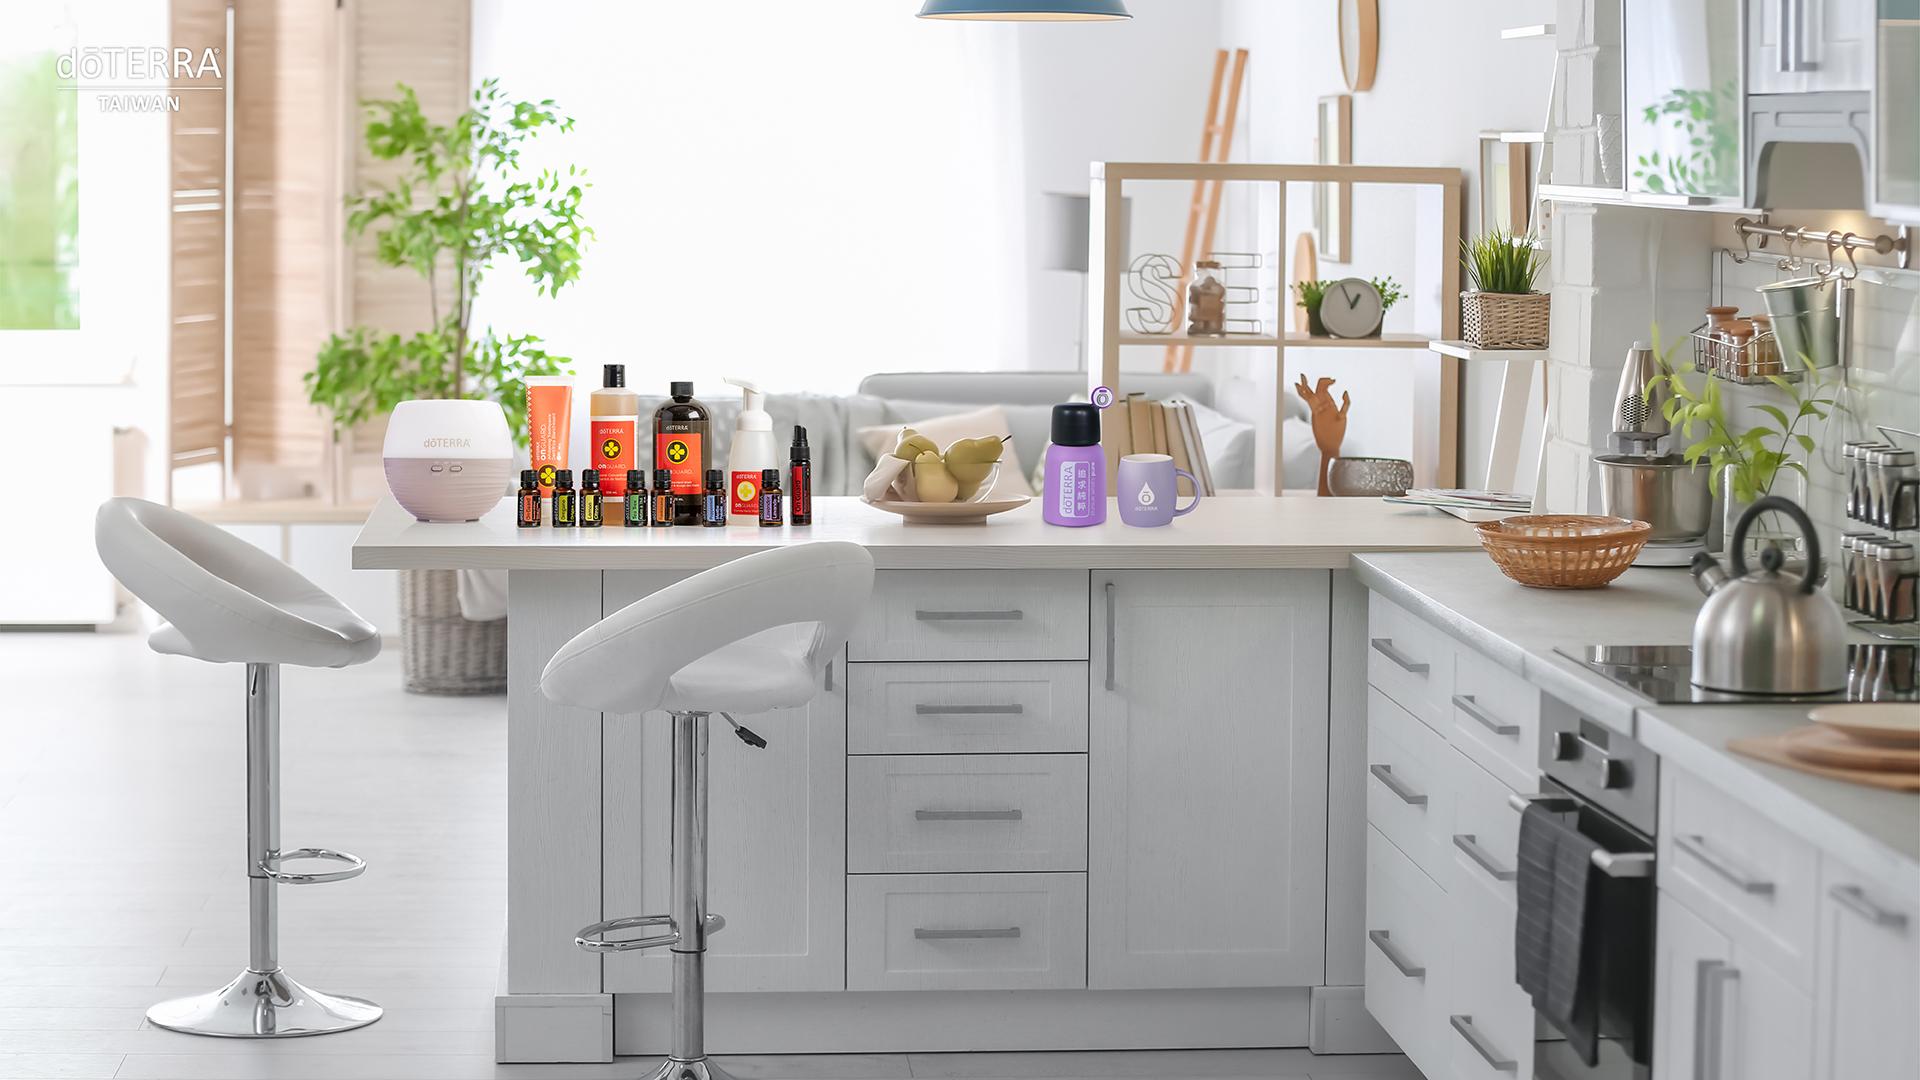 溫馨風格的幸福廚房